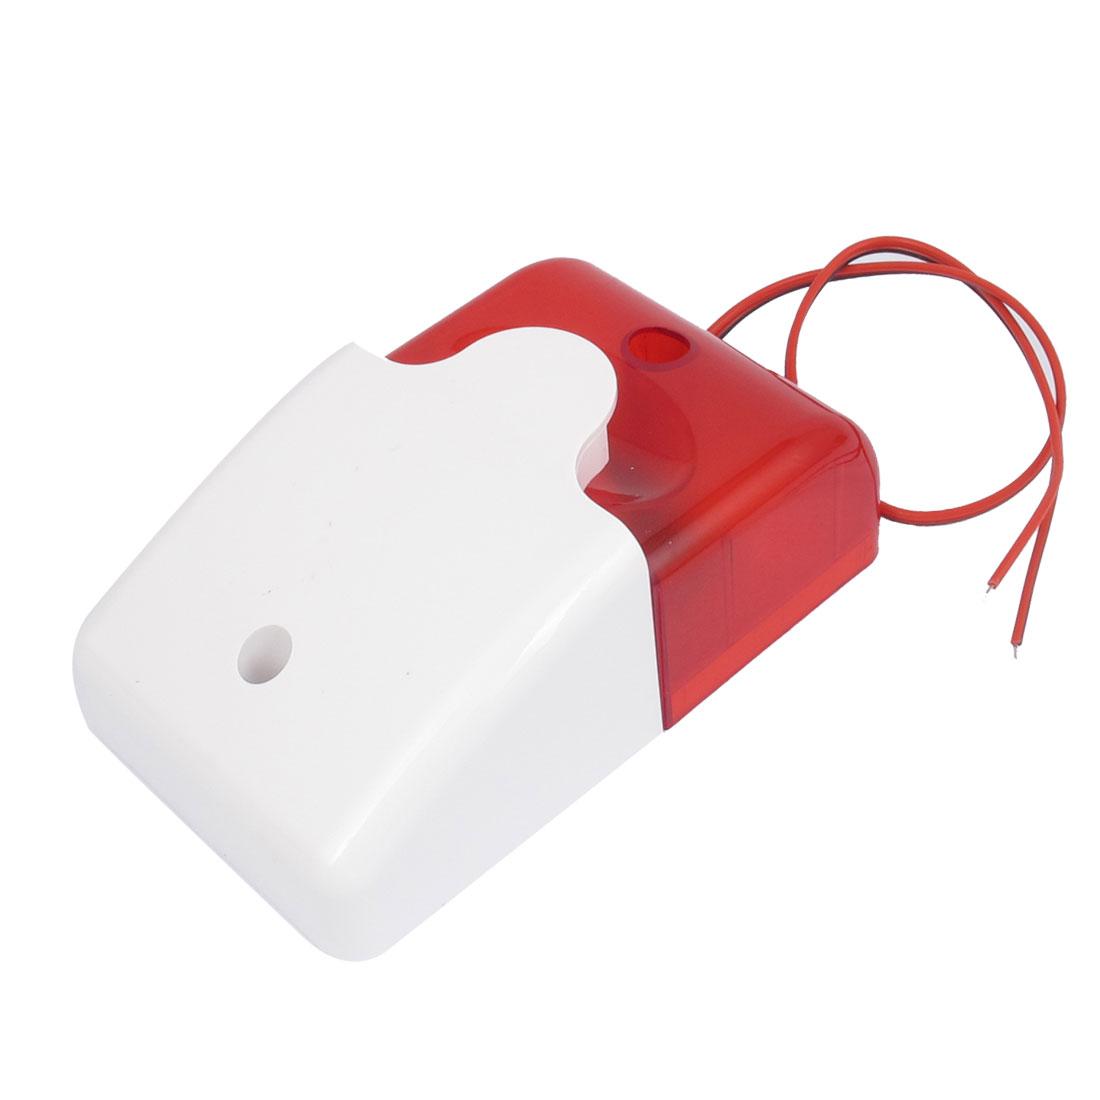 DC 12V 300mA 110dB Plastic Alarm Speaker Safety Warning Strobe Siren